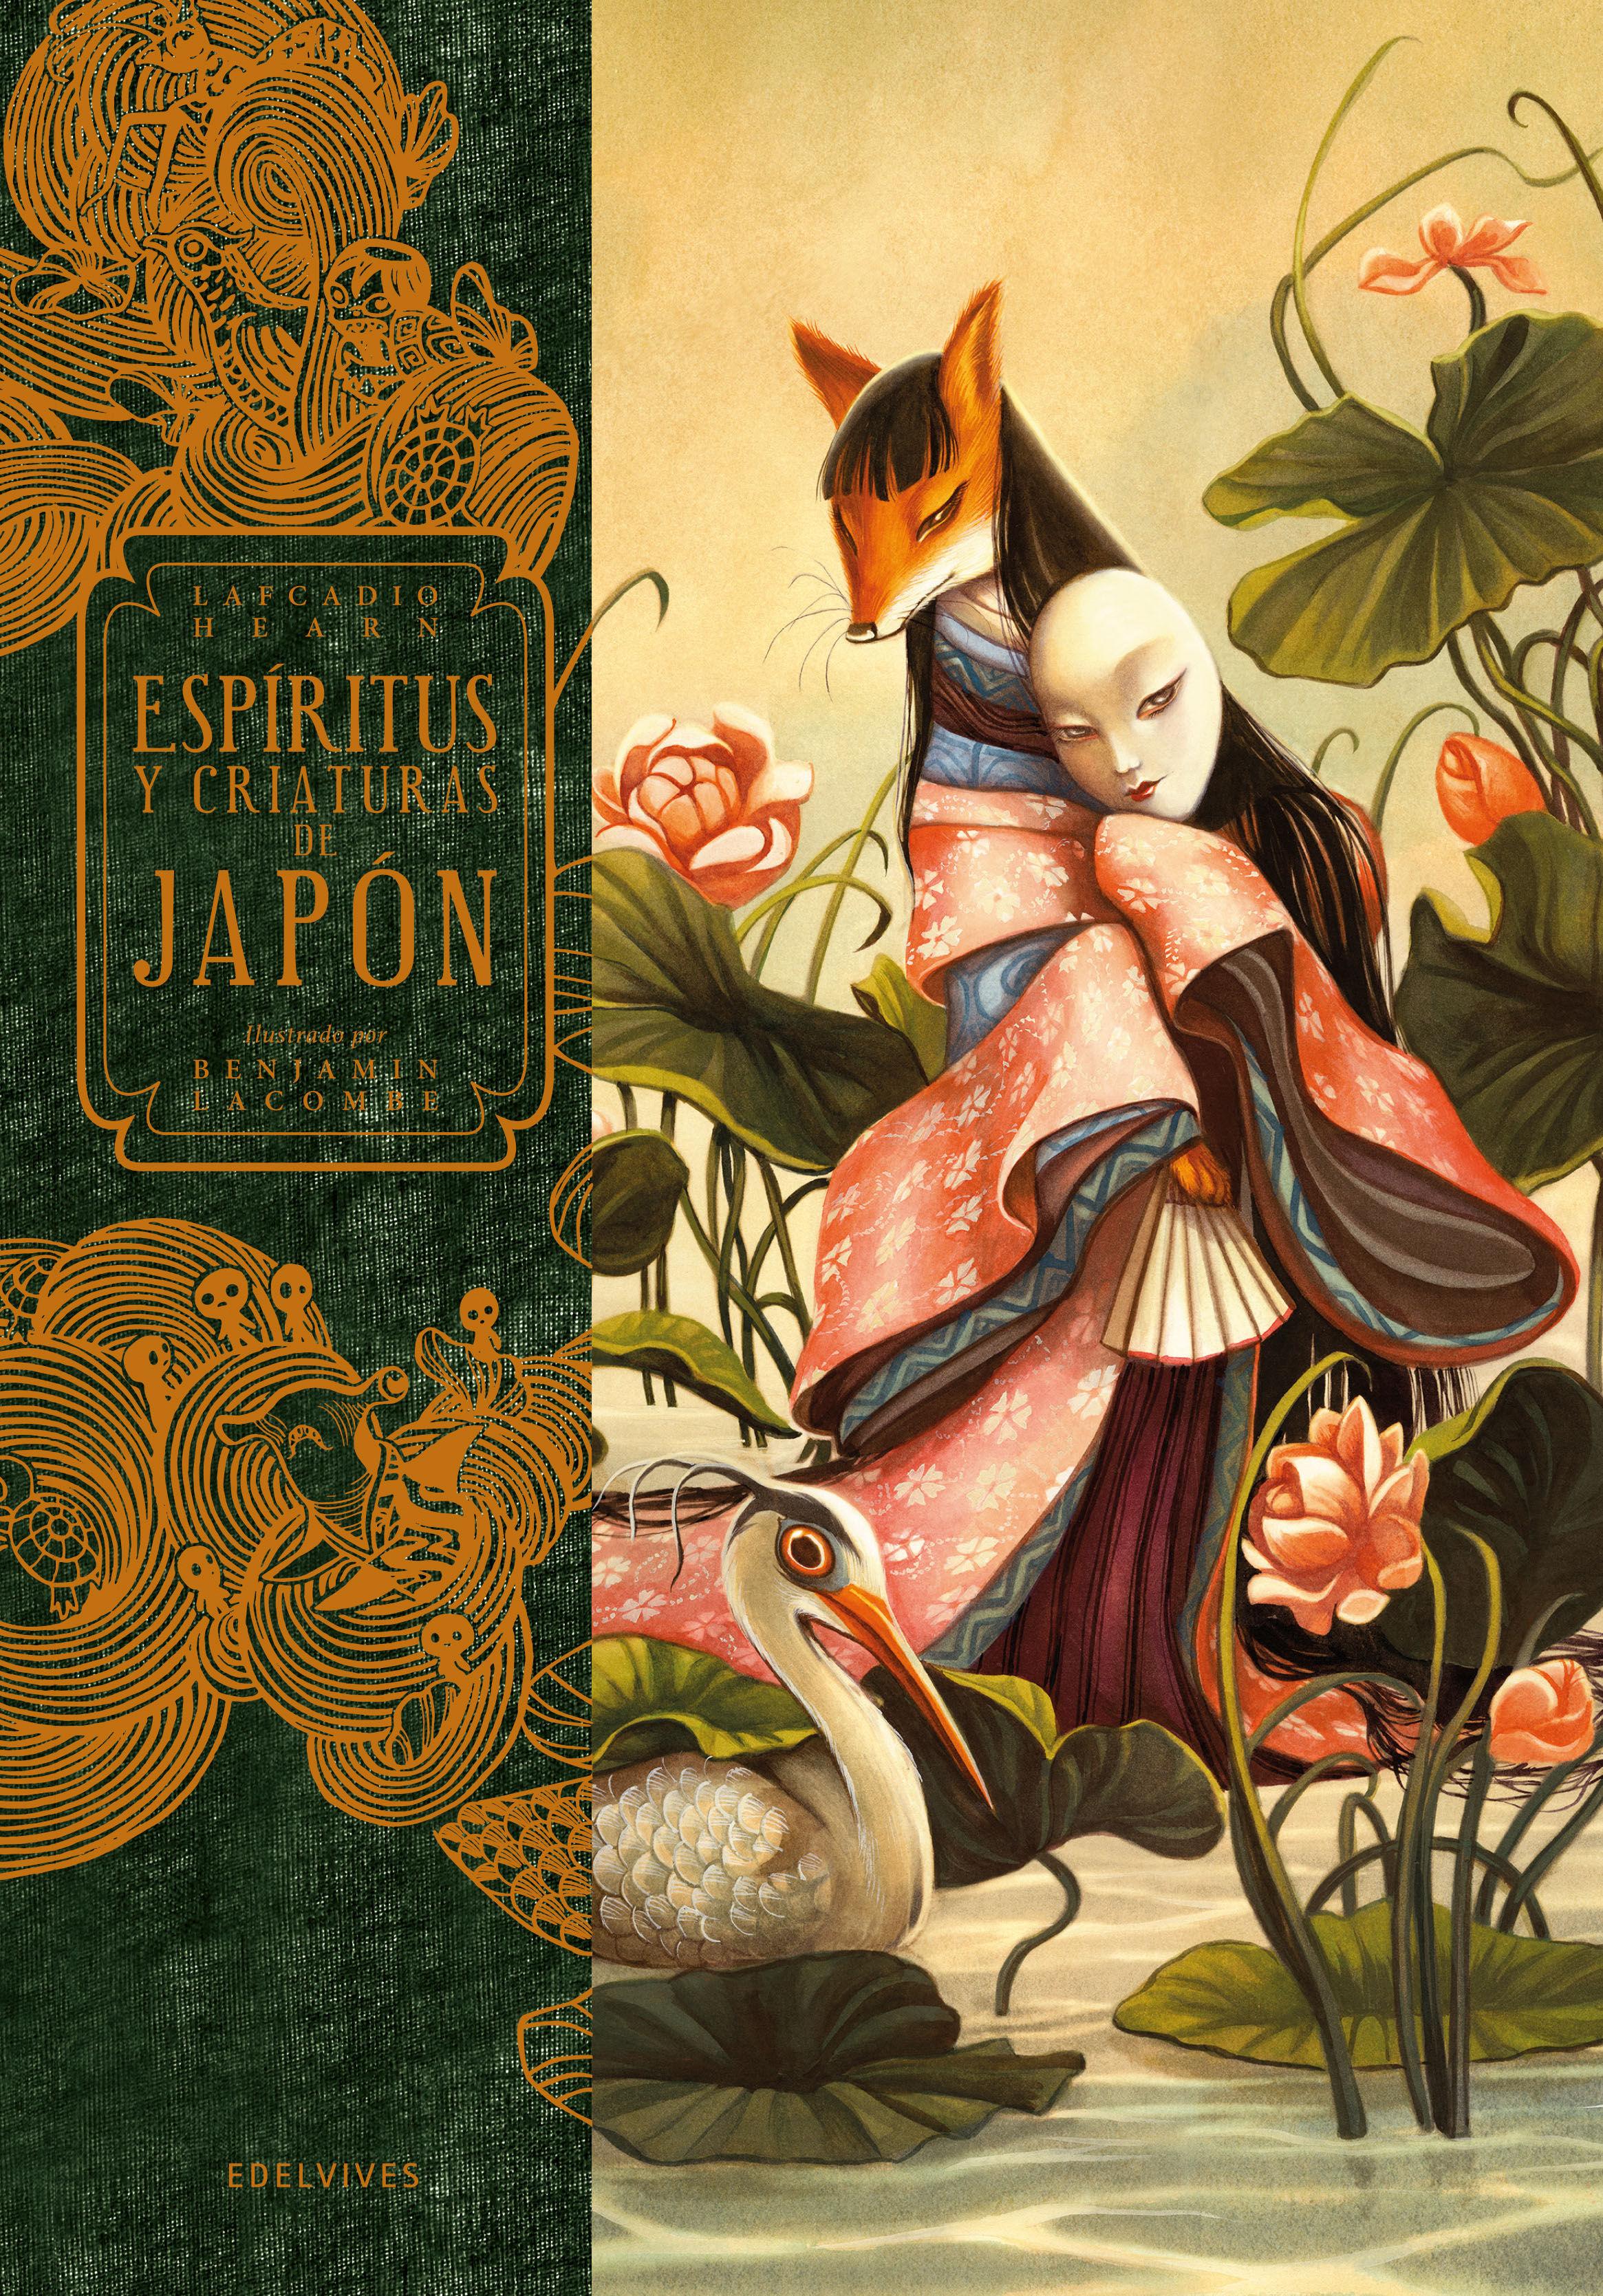 ESPIRITUS Y CRIATURAS DE JAPÓN